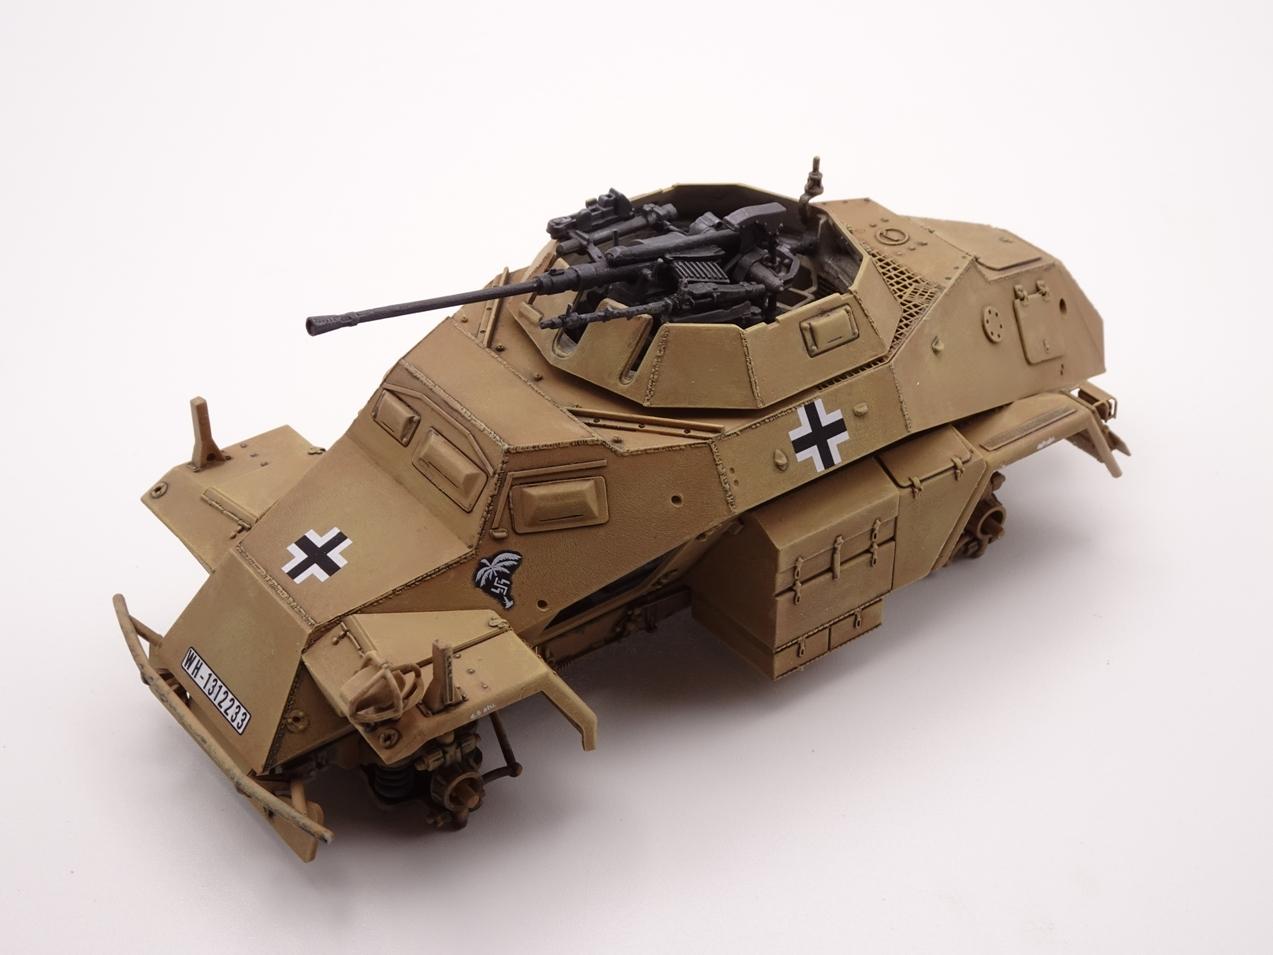 [Hobby Boss 1/35°] Sd.Kfz. 222 Leichter Panzerspähwagen - Page 2 222-3005-4